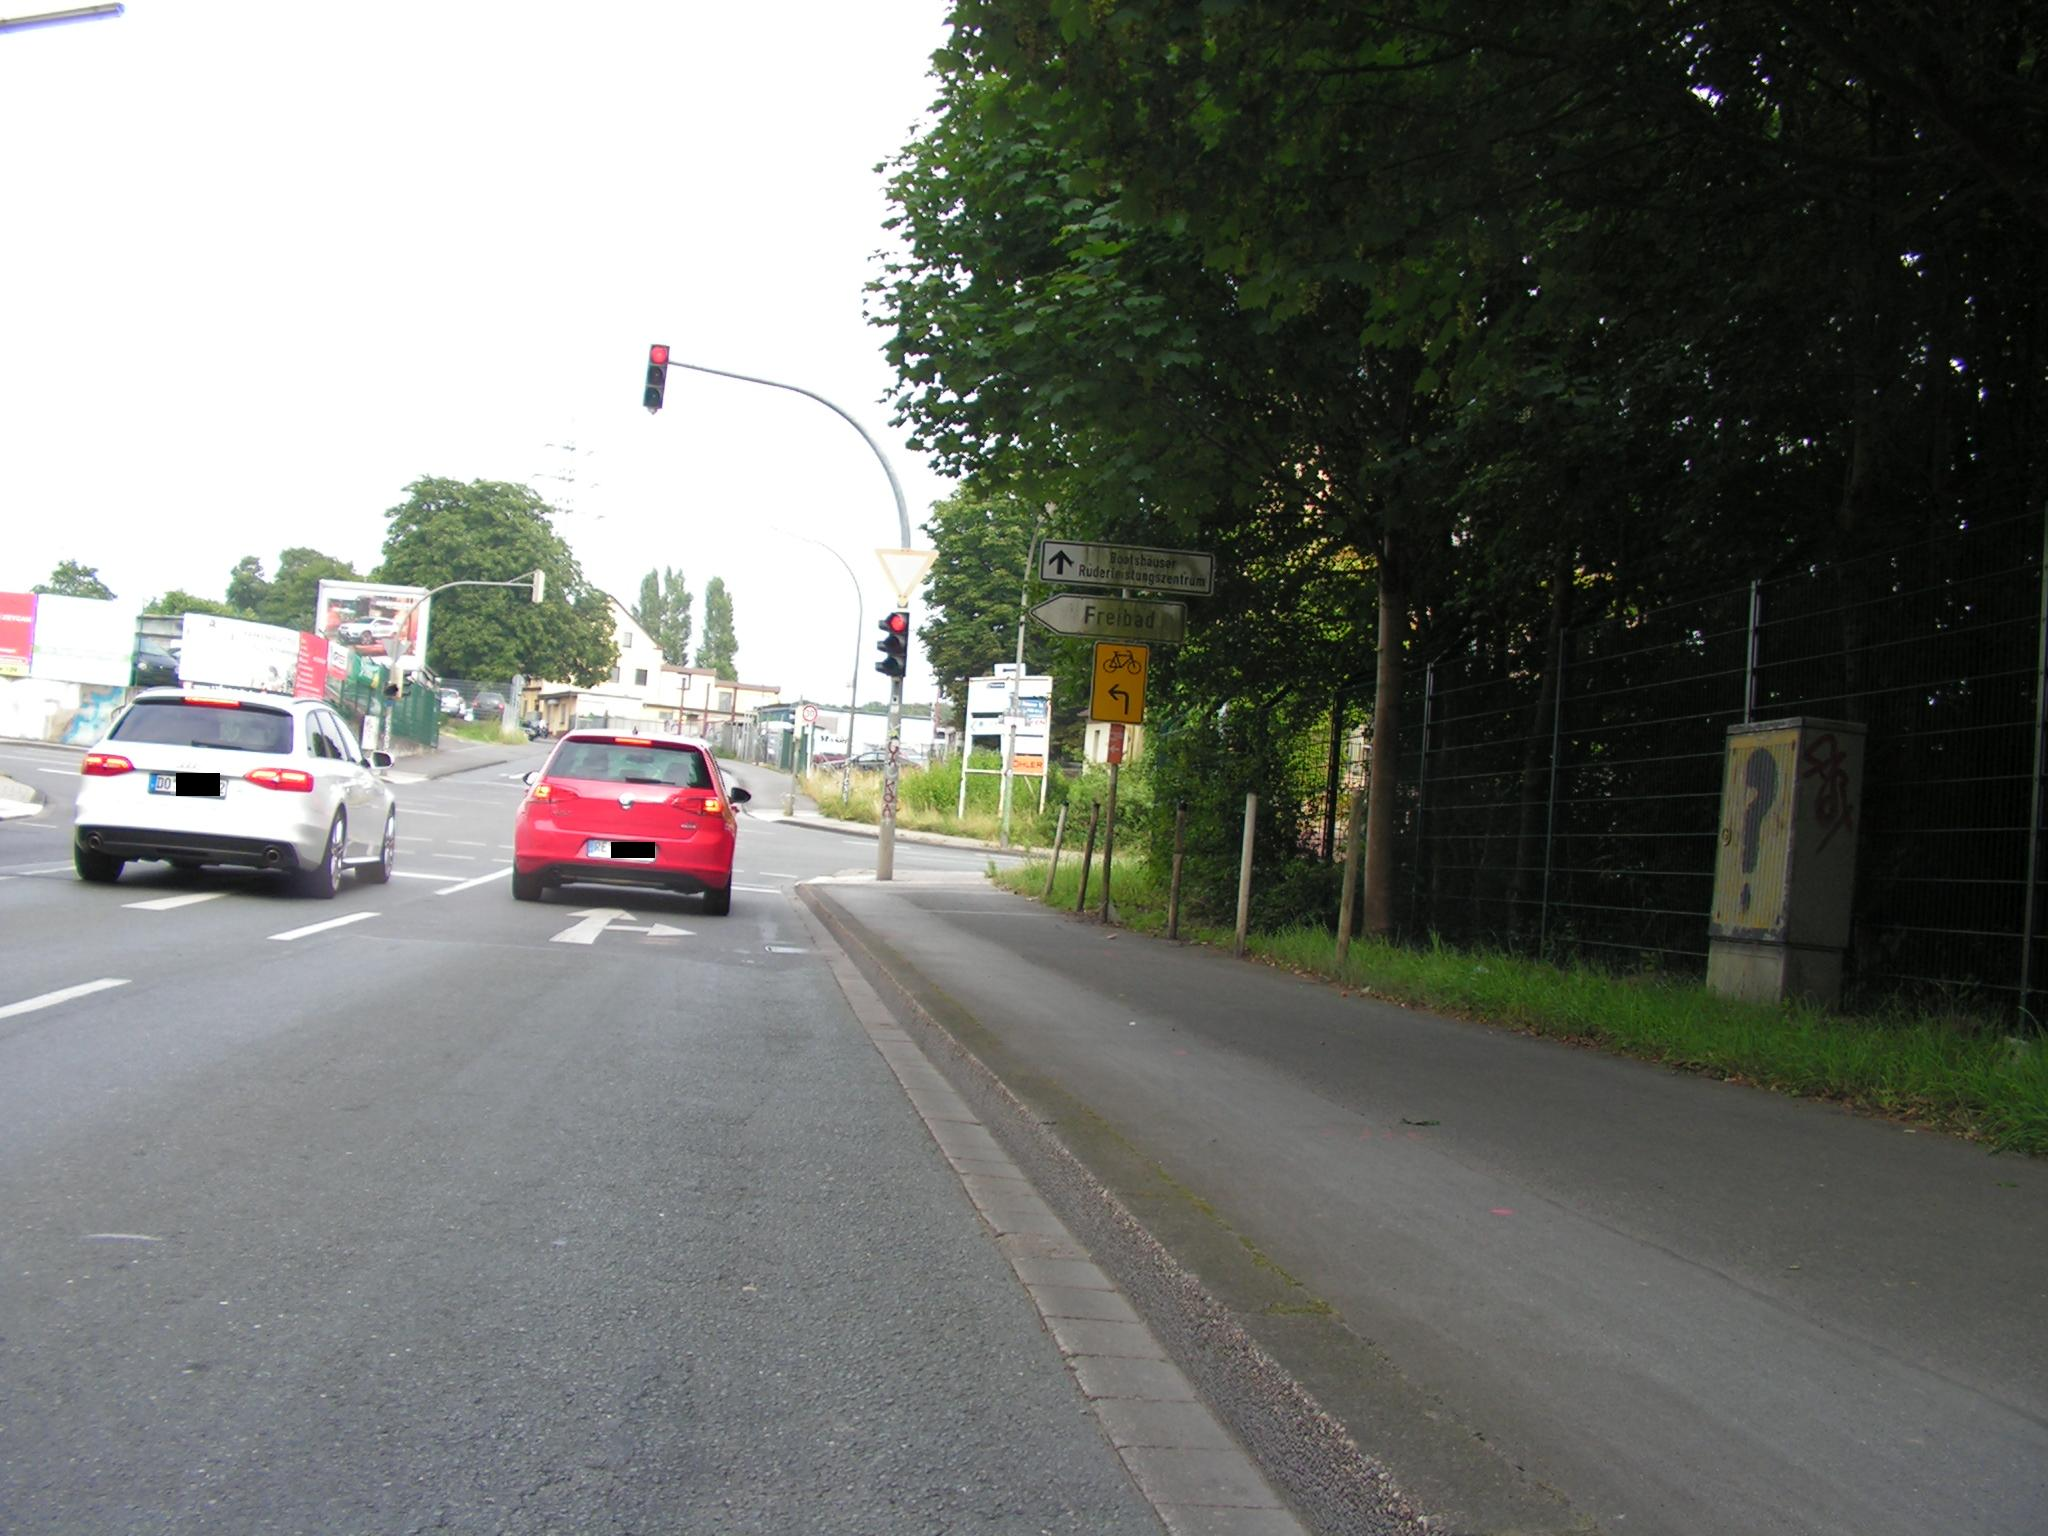 Umleitung nach links in die Deusener Straße ordentlich beschildert. (Foto: Peter Maier)